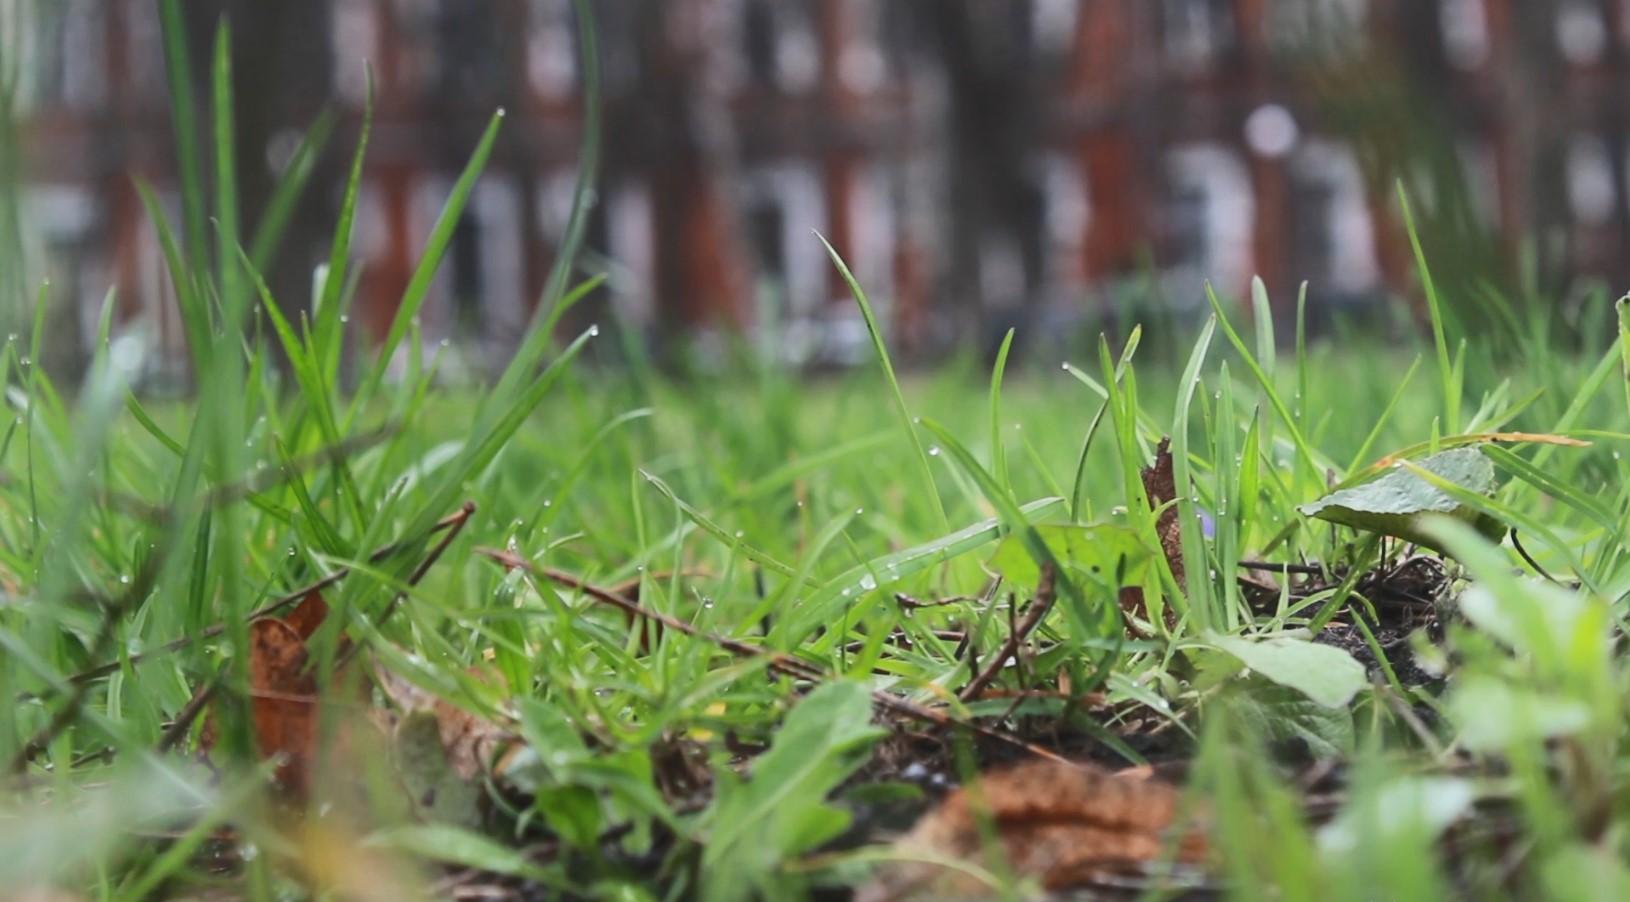 У Кропивницькому виявили кліщів зі збудниками небезпечної хвороби (ФОТО)